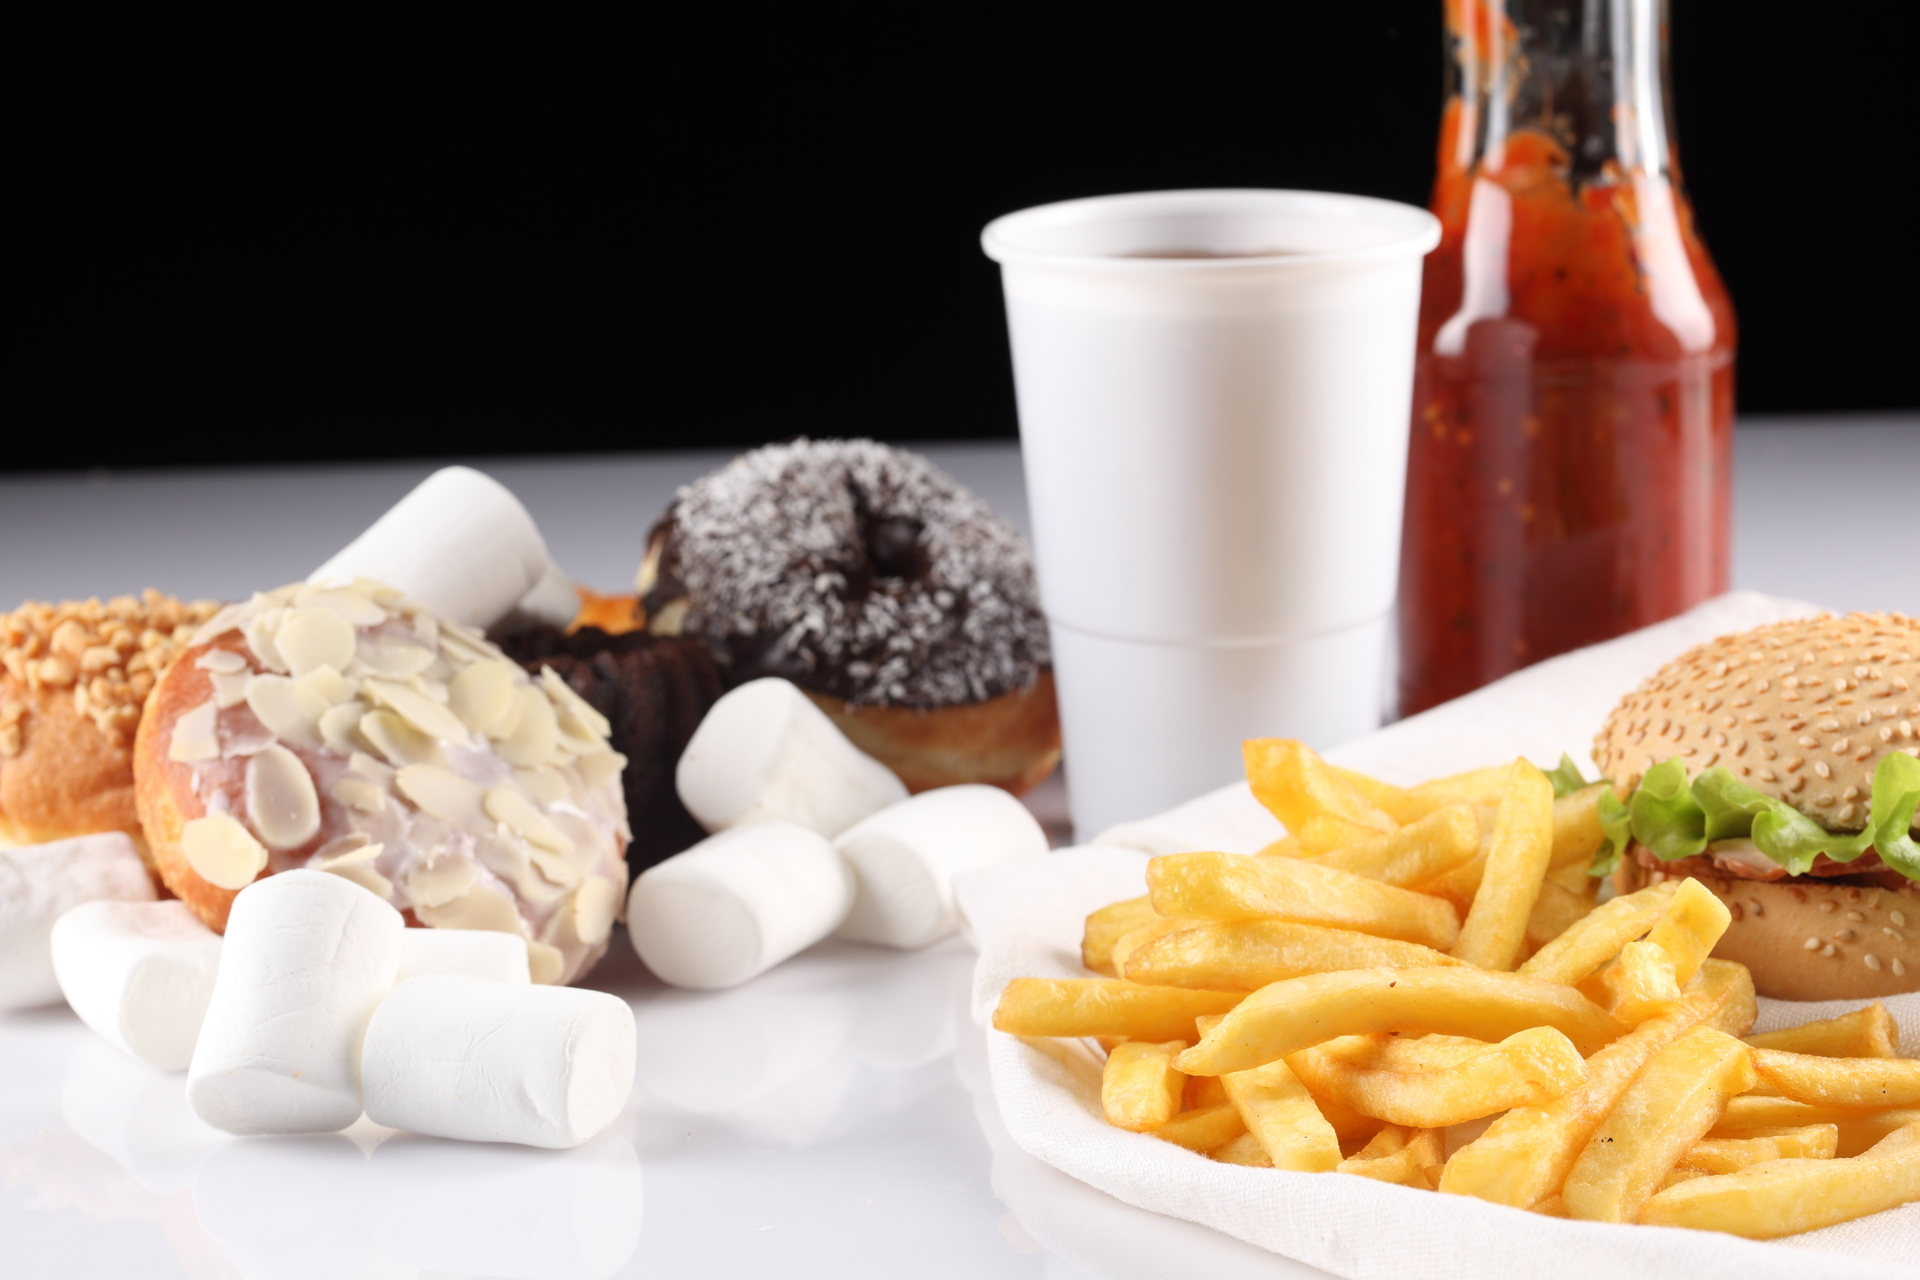 Les 6 aliments qui vous font vraiment grossir sant sos - Aliment coupe faim qui ne fait pas grossir ...